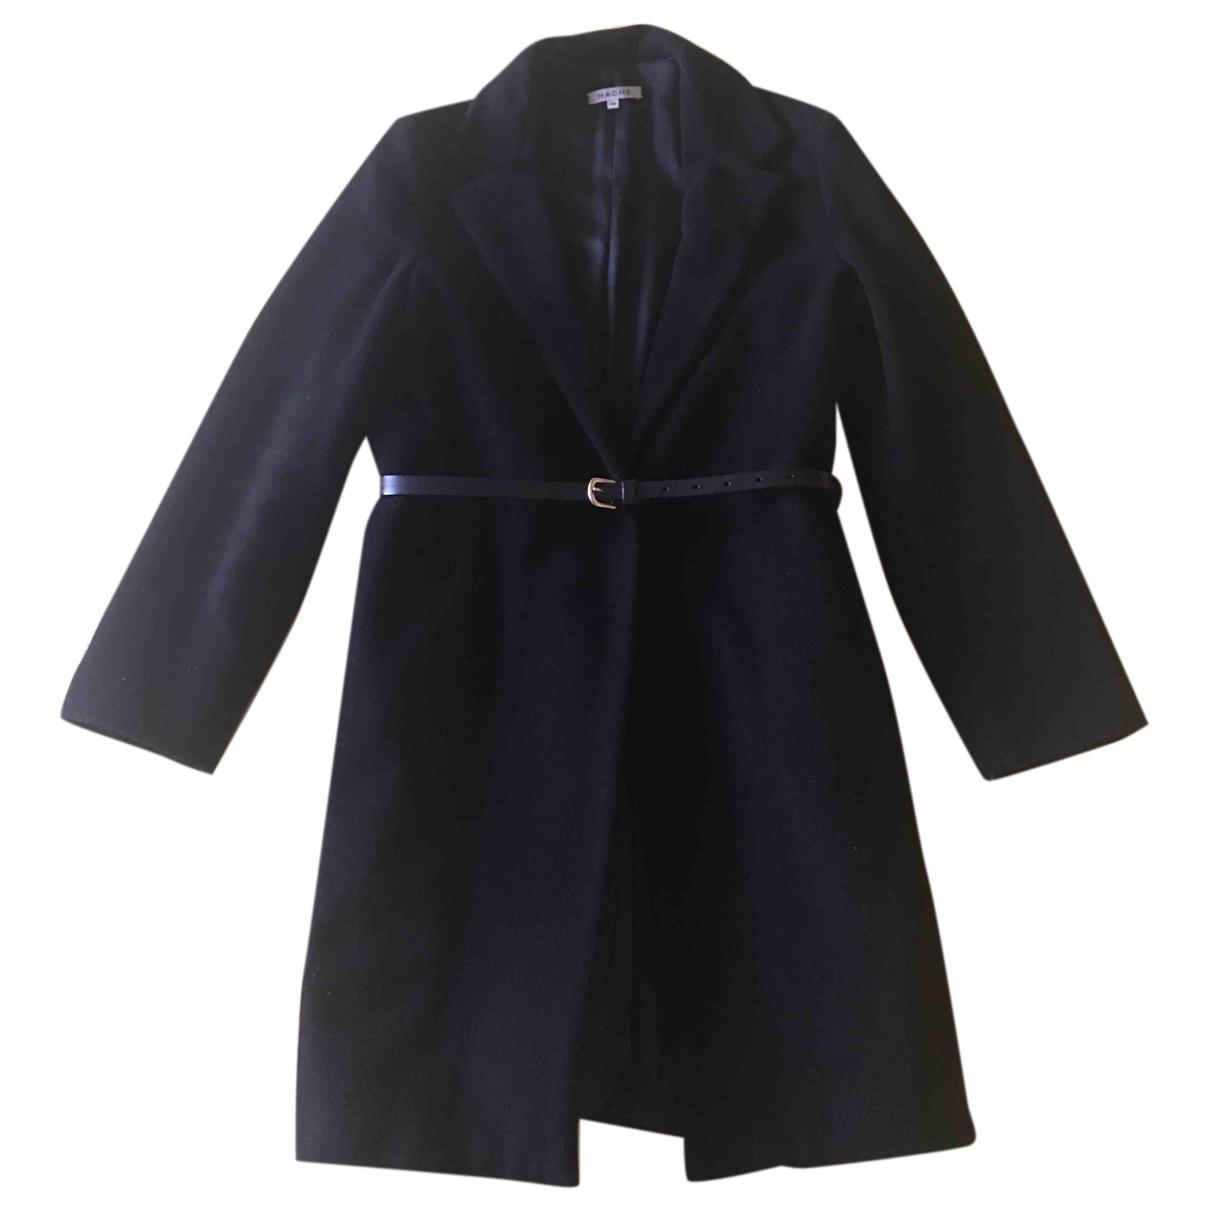 Hache - Manteau   pour femme en laine - noir